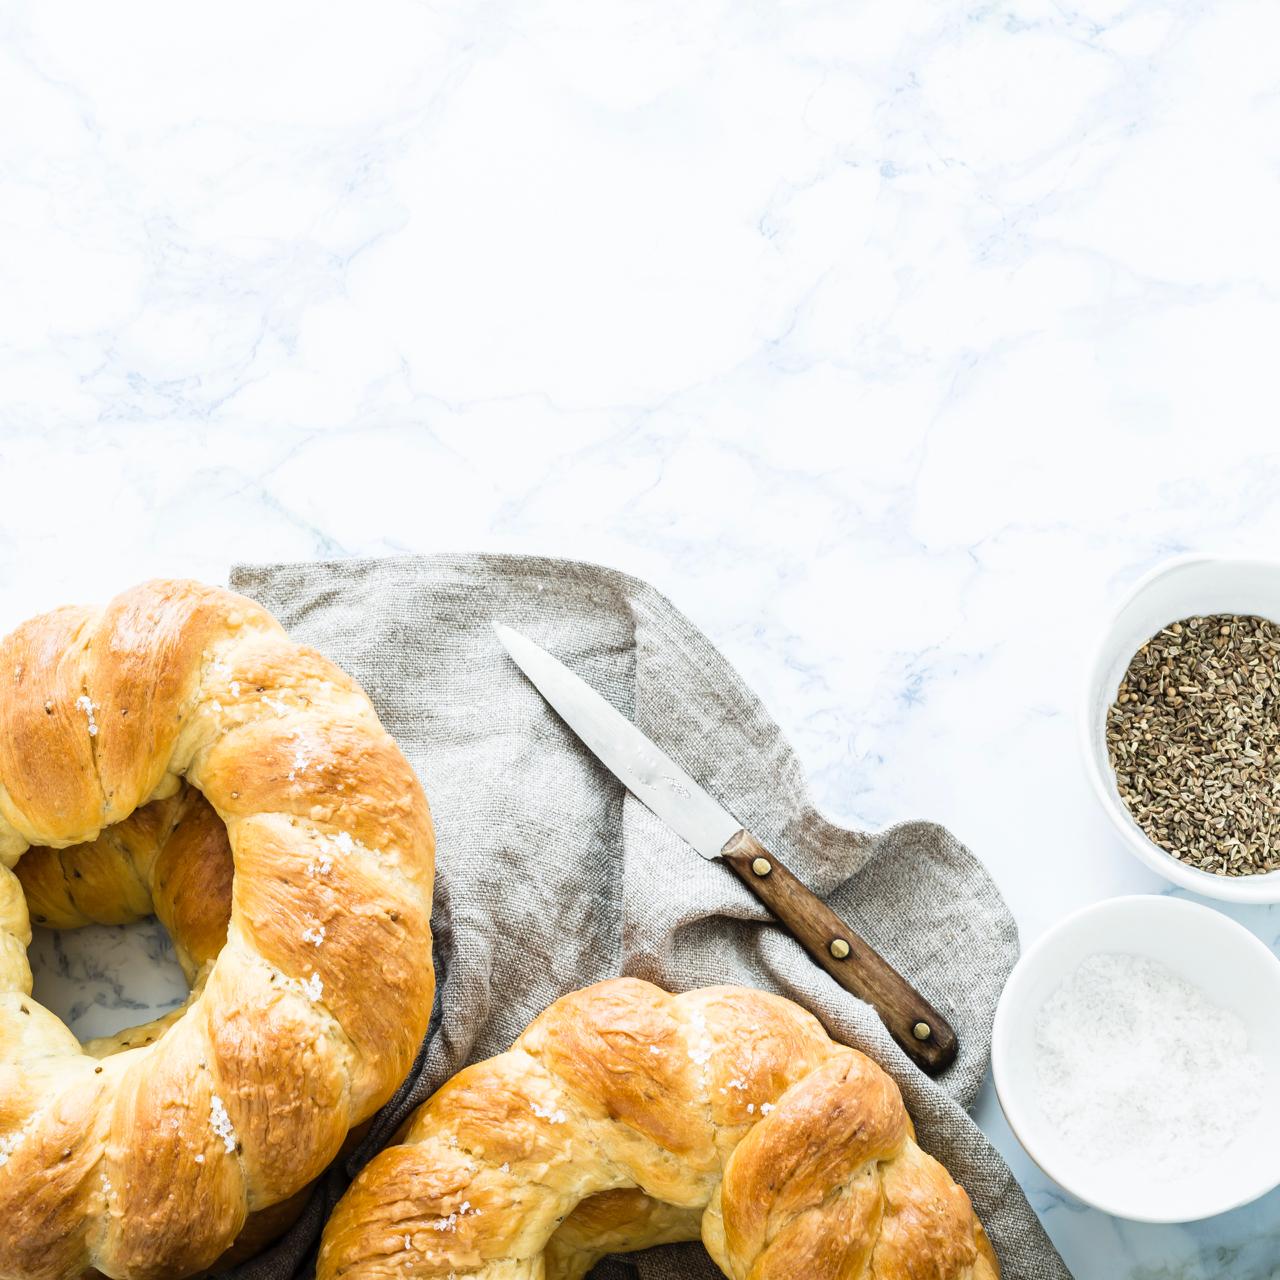 Trecce di pane ai semi di anice - Aniseed bread